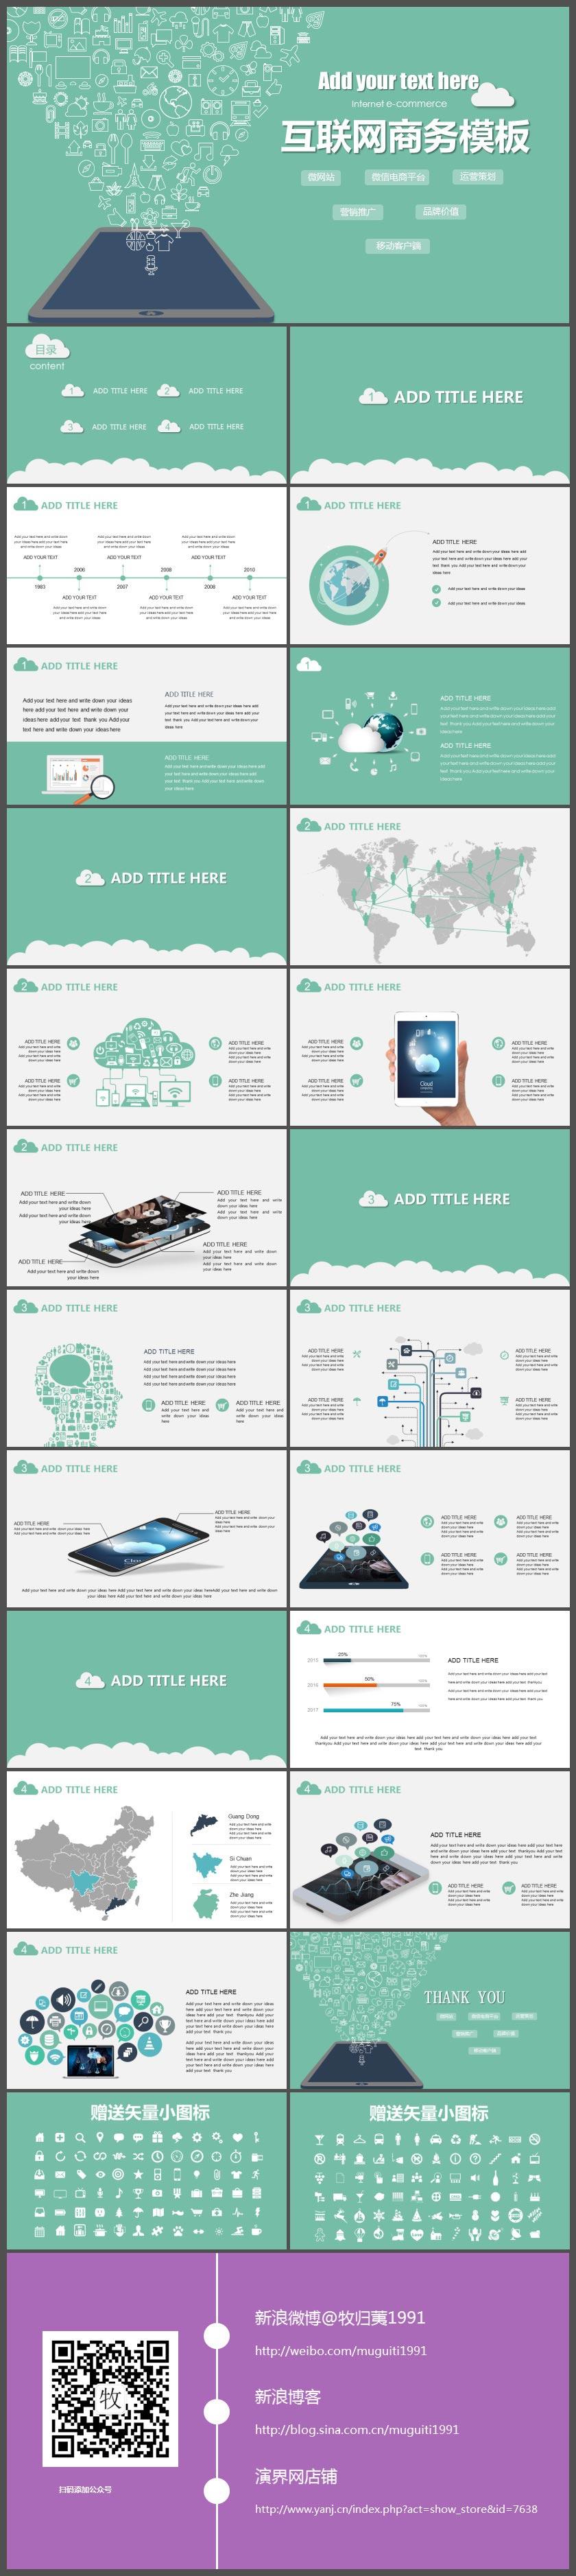 绿色主题互联网商务报告PPT模板